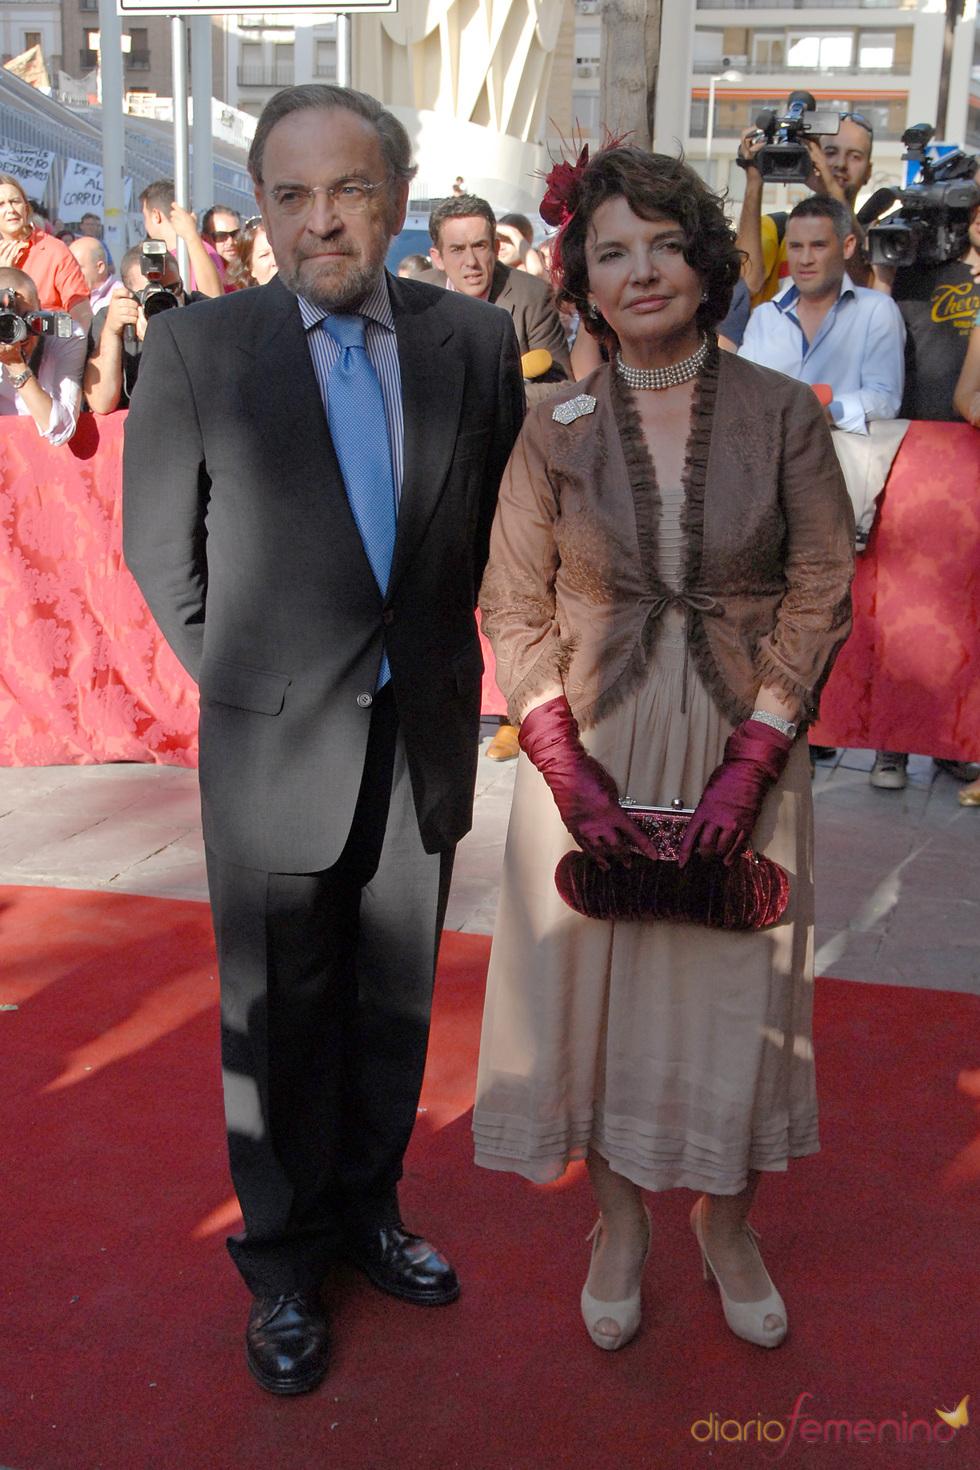 Antonio Burgos y su mujer Isabel Herce en la boda de Carmen Solís Tello